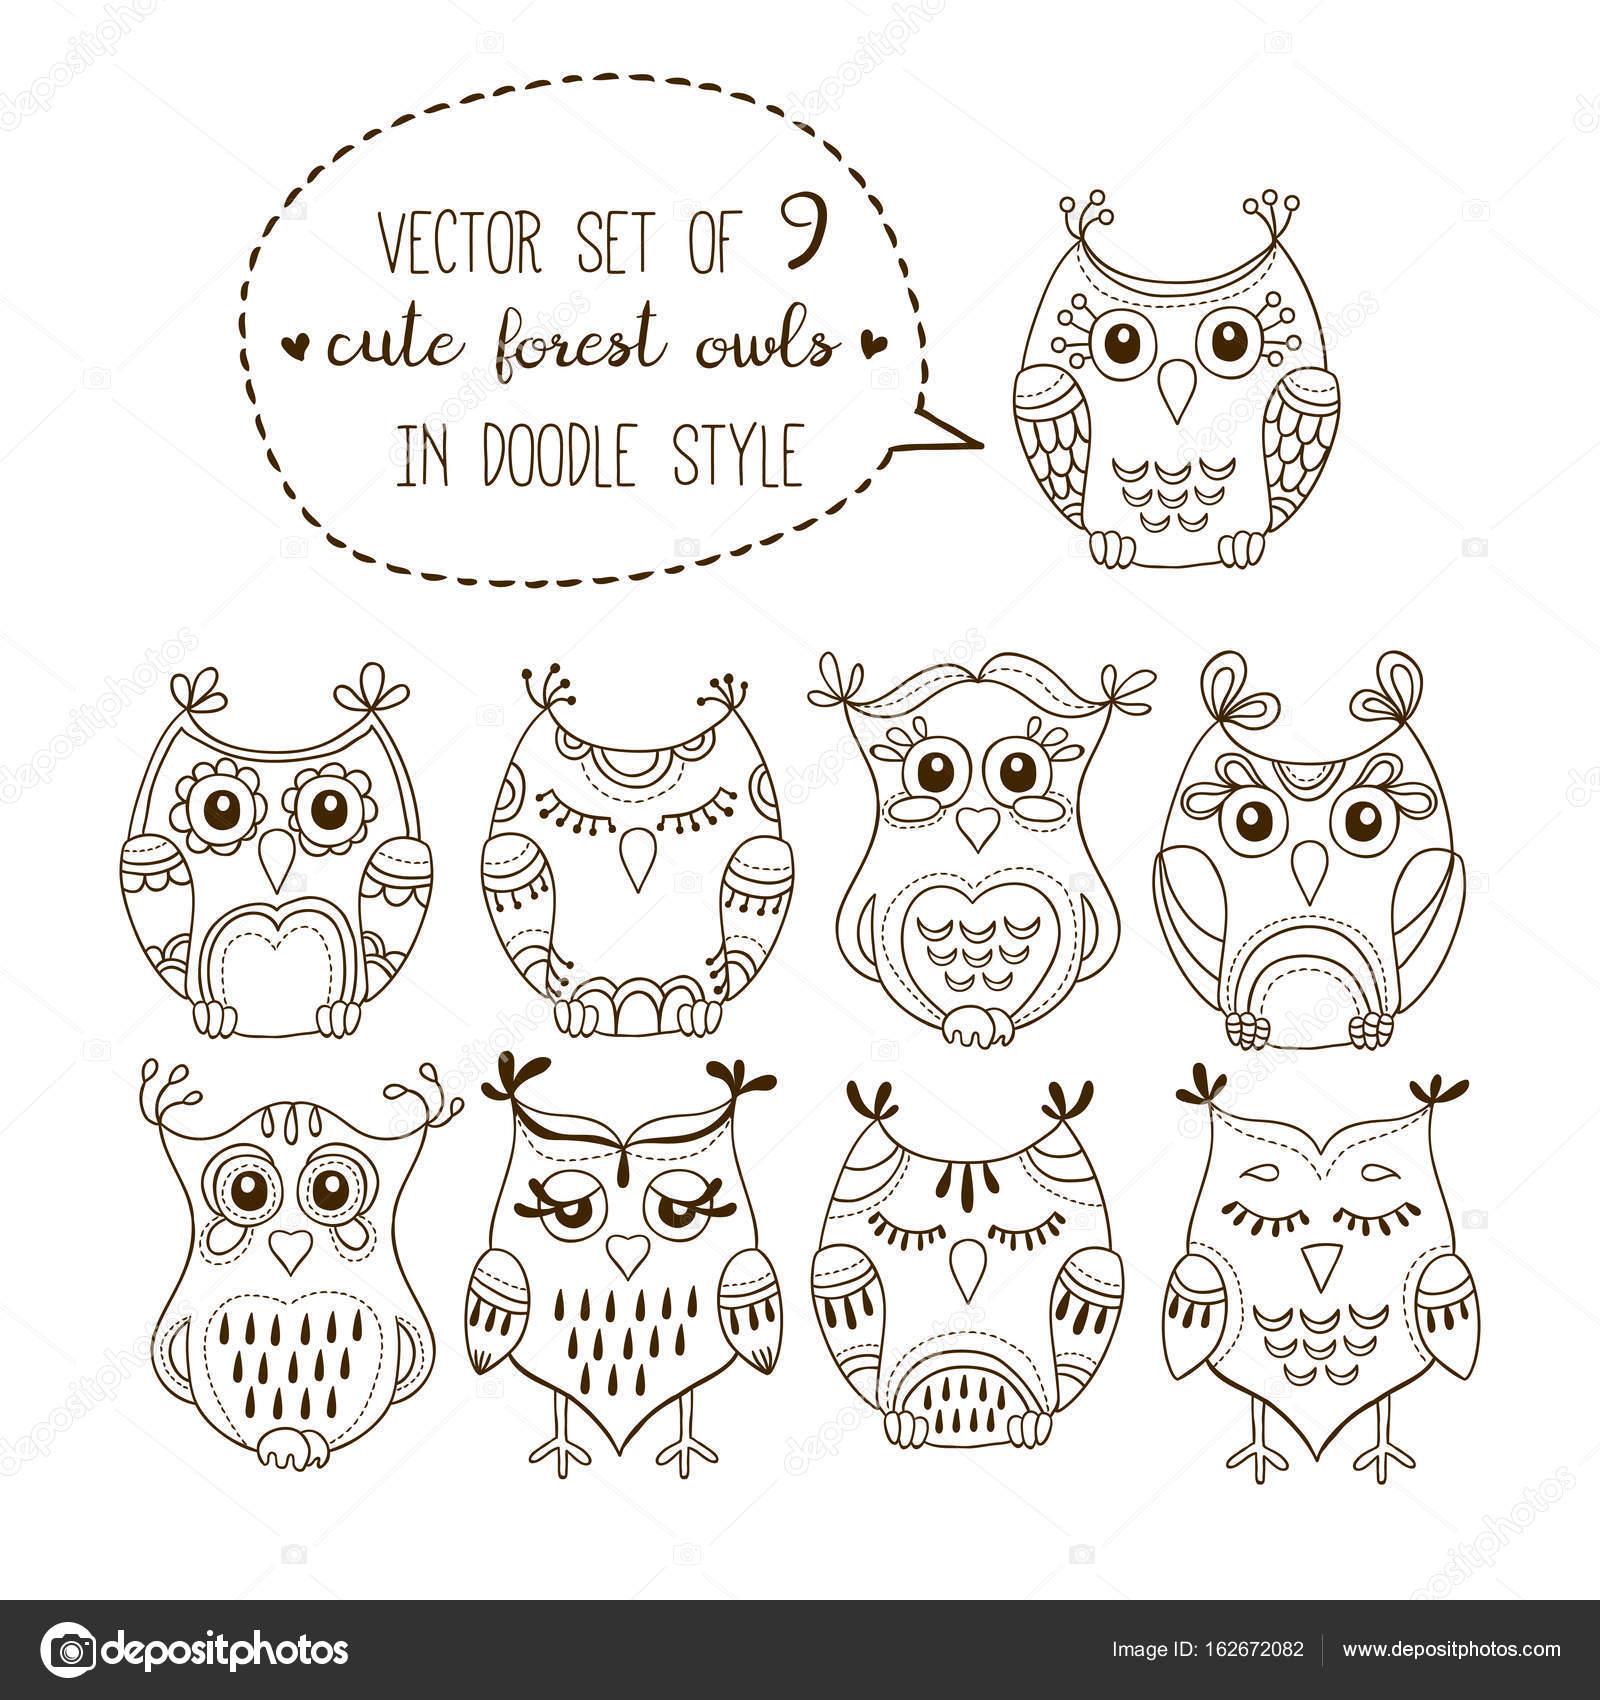 かわいい森のフクロウはベクトル イラスト セットですぬりえ落書き